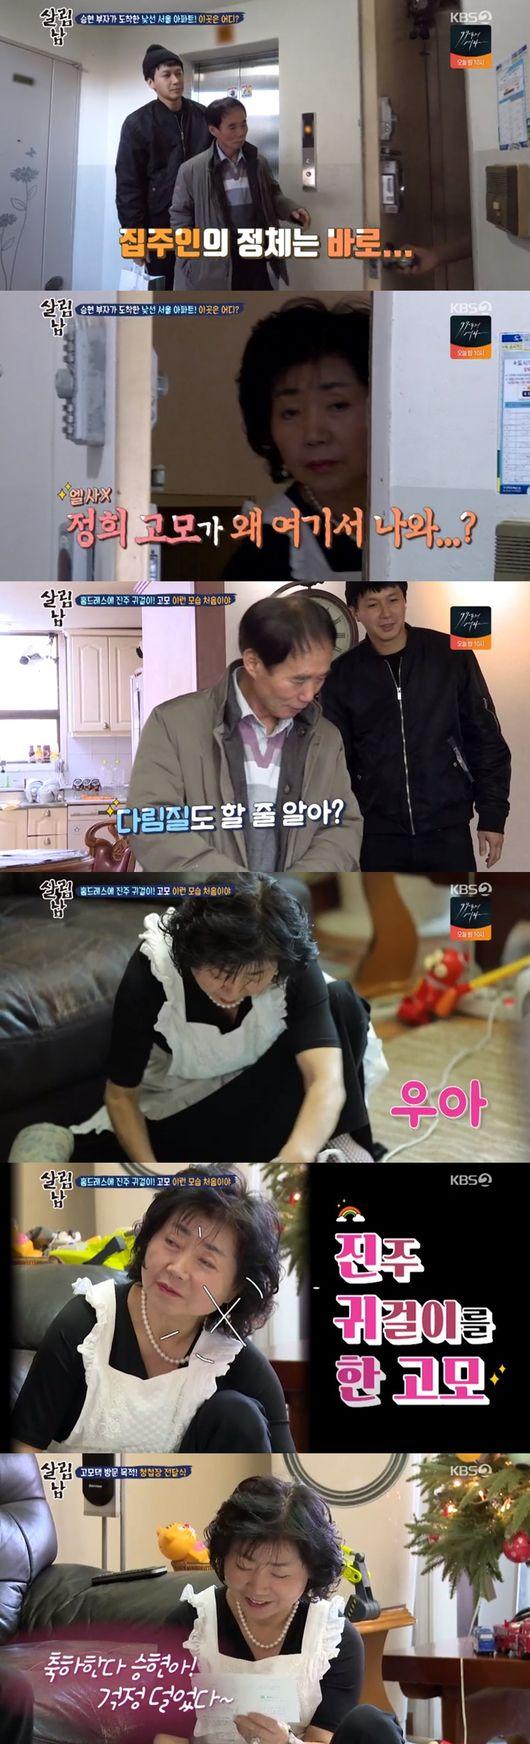 '살림남' 김승현 고모家, 부부금술 자랑하는 달달함?